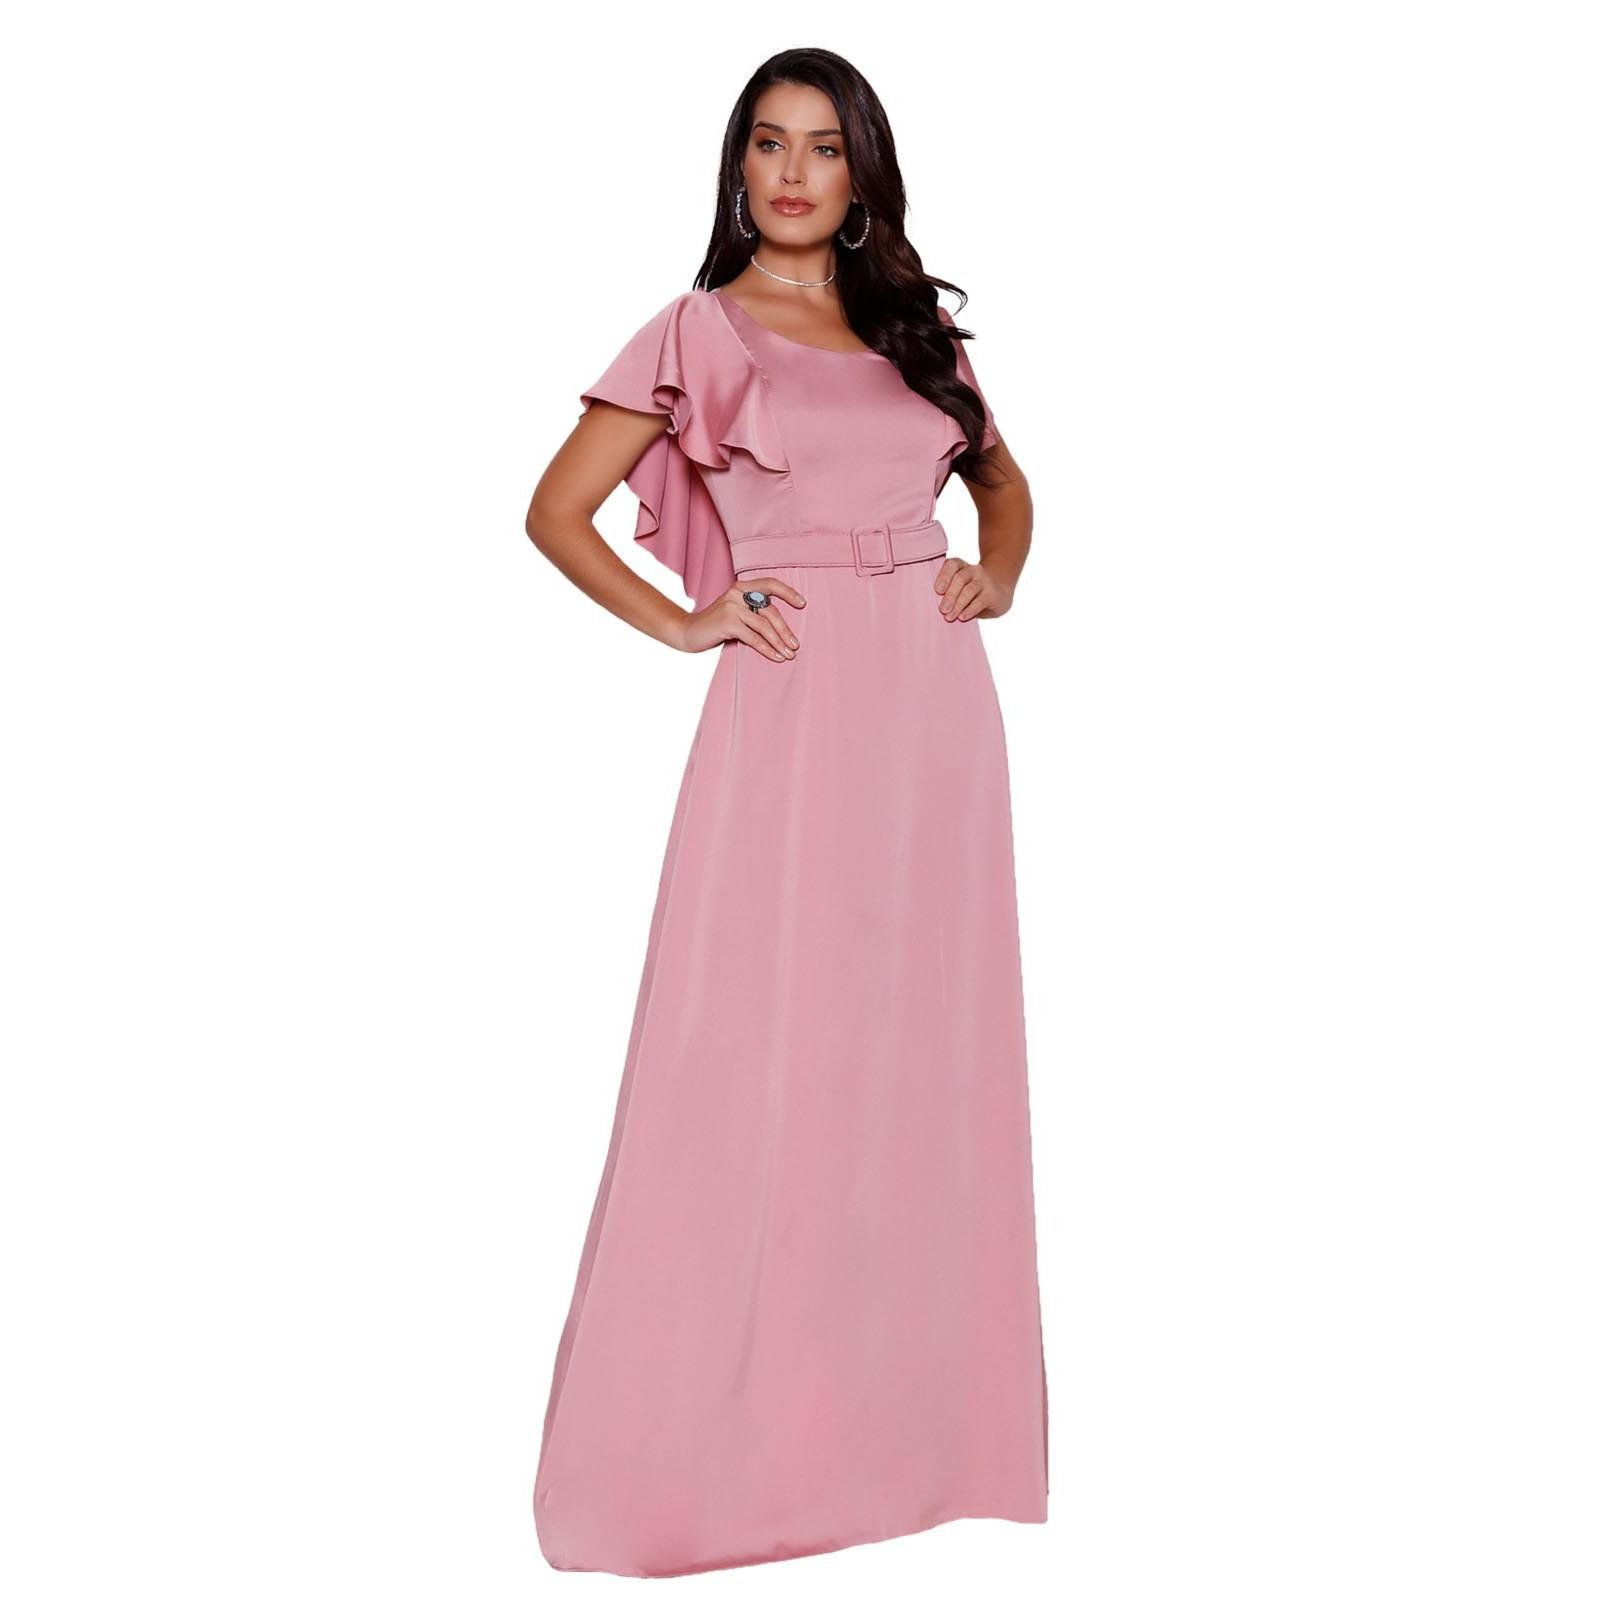 vestido-dress-longo-fascinius-roupas-evangelicas-2019